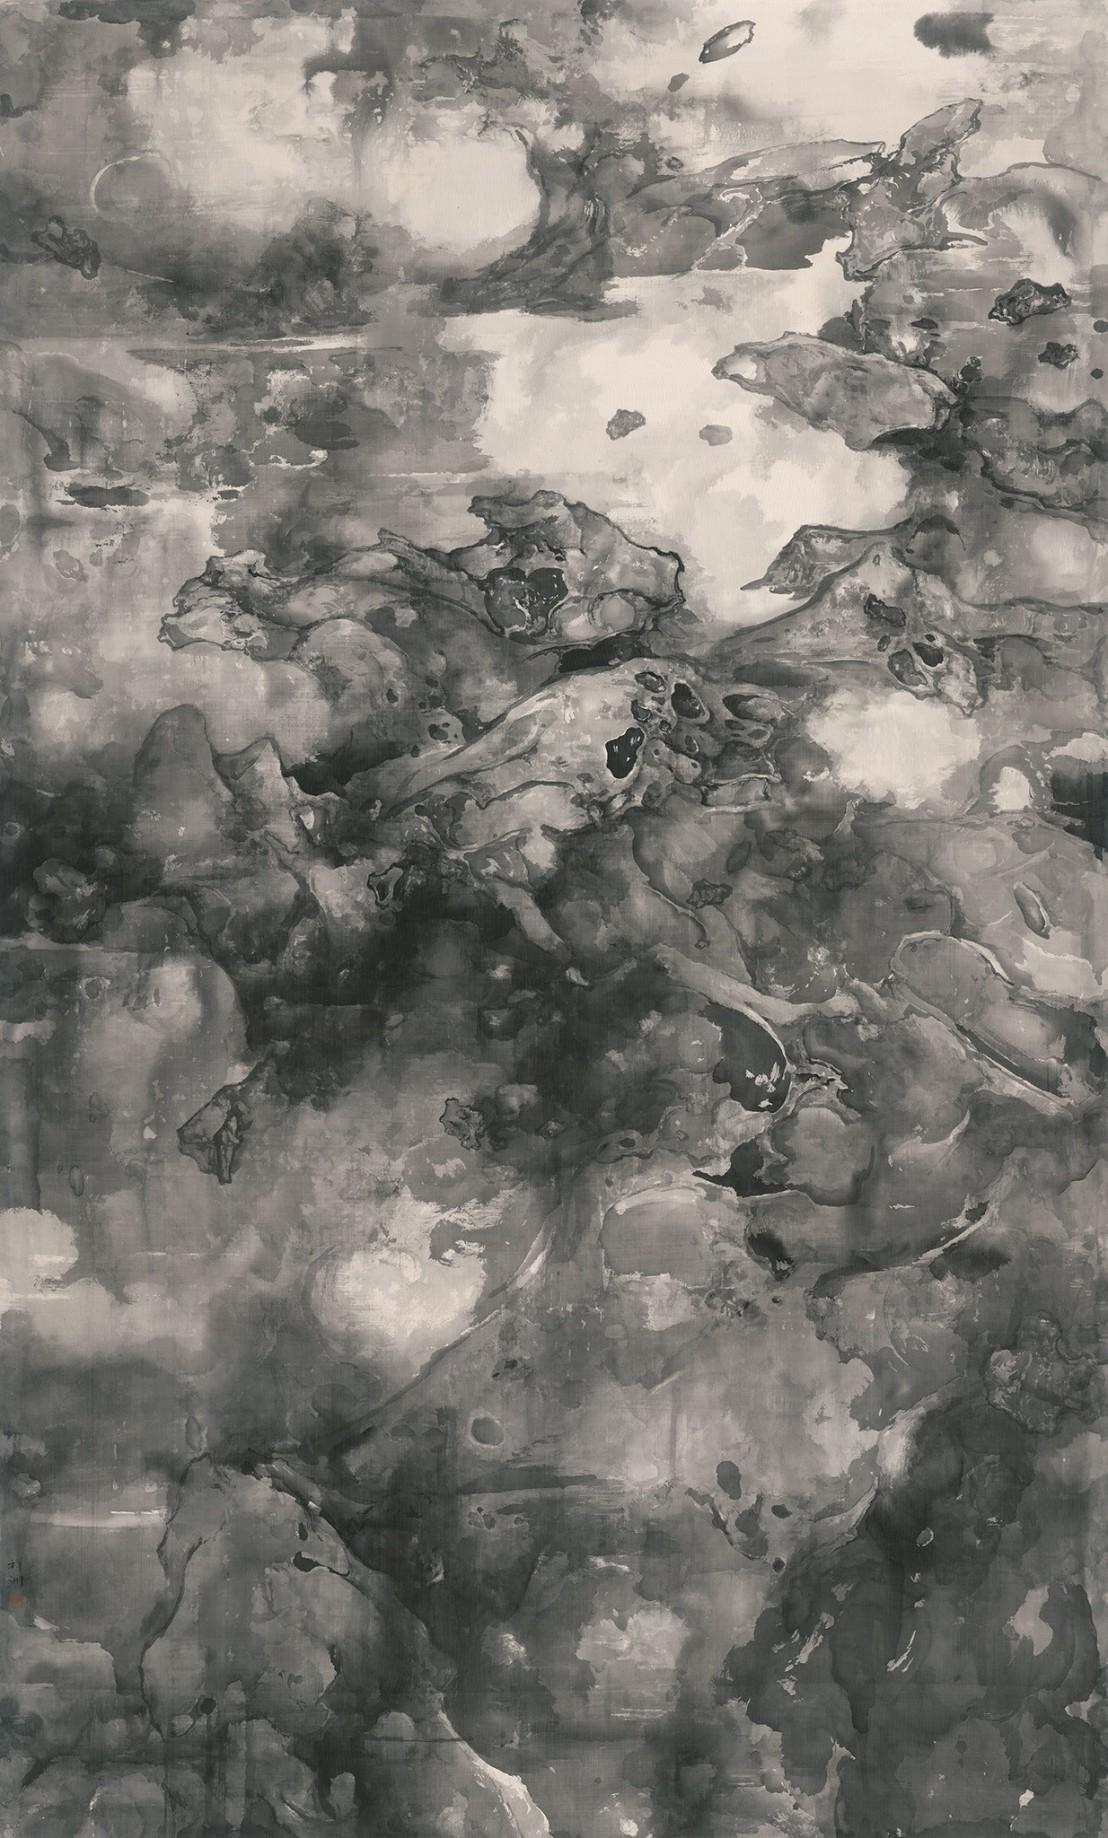 Tai2017_SkyTravel_198x120cm